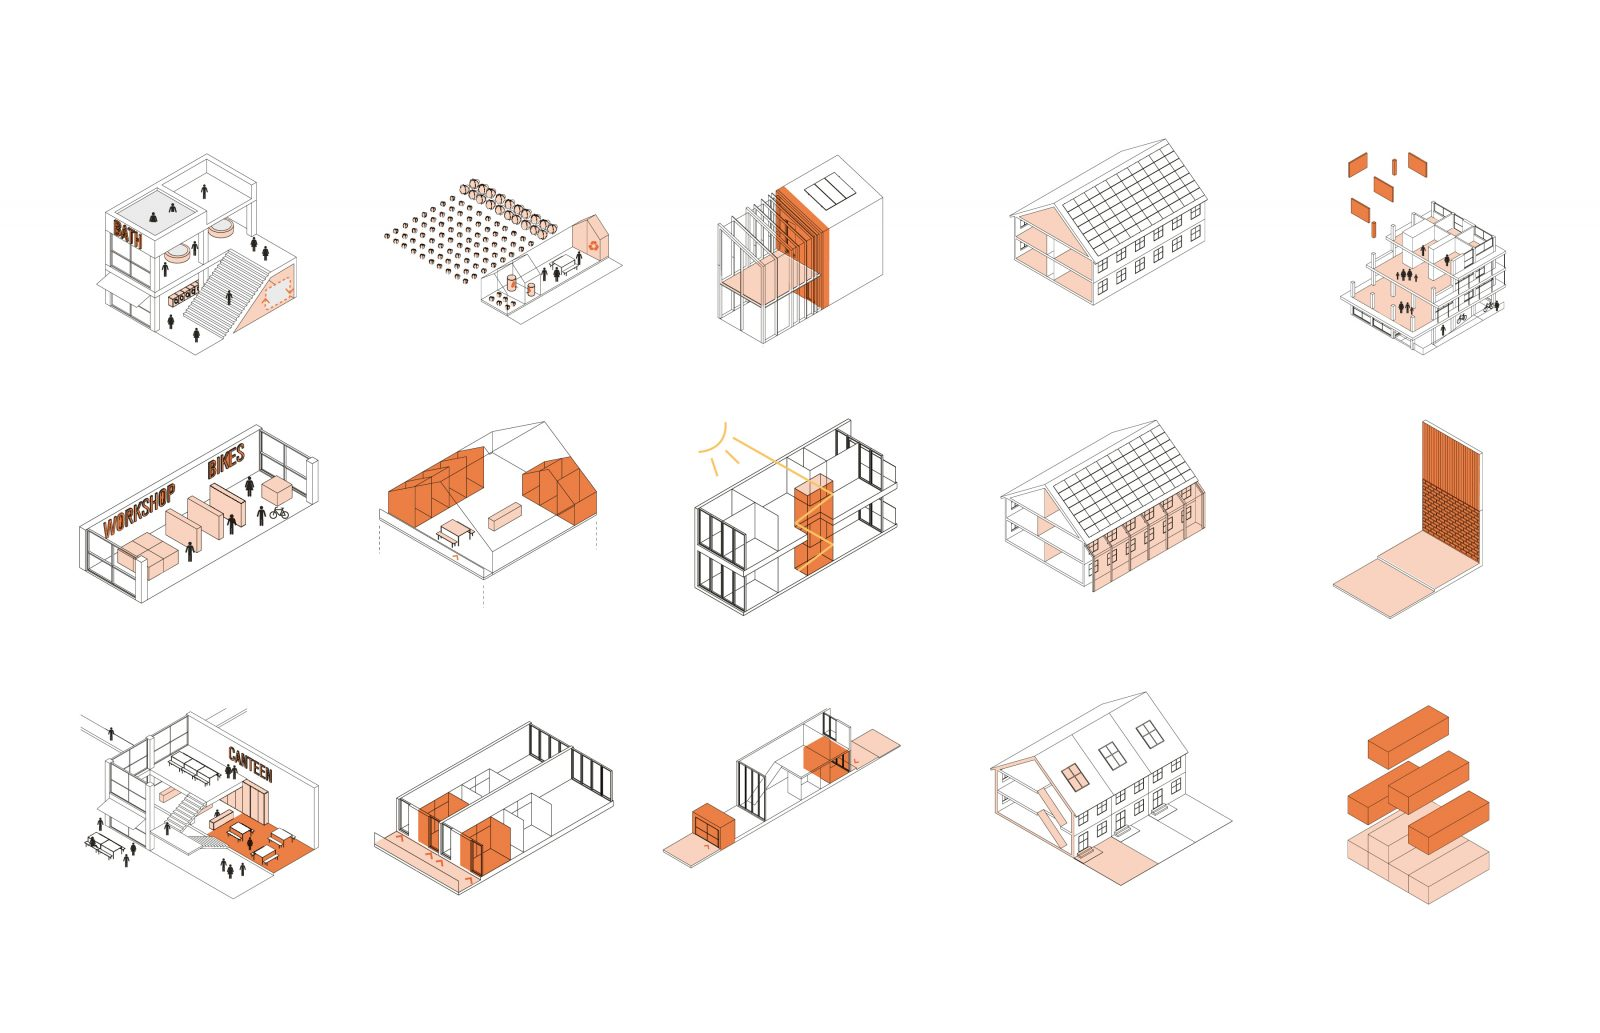 KjellanderSjoberg Sege Park building blocks